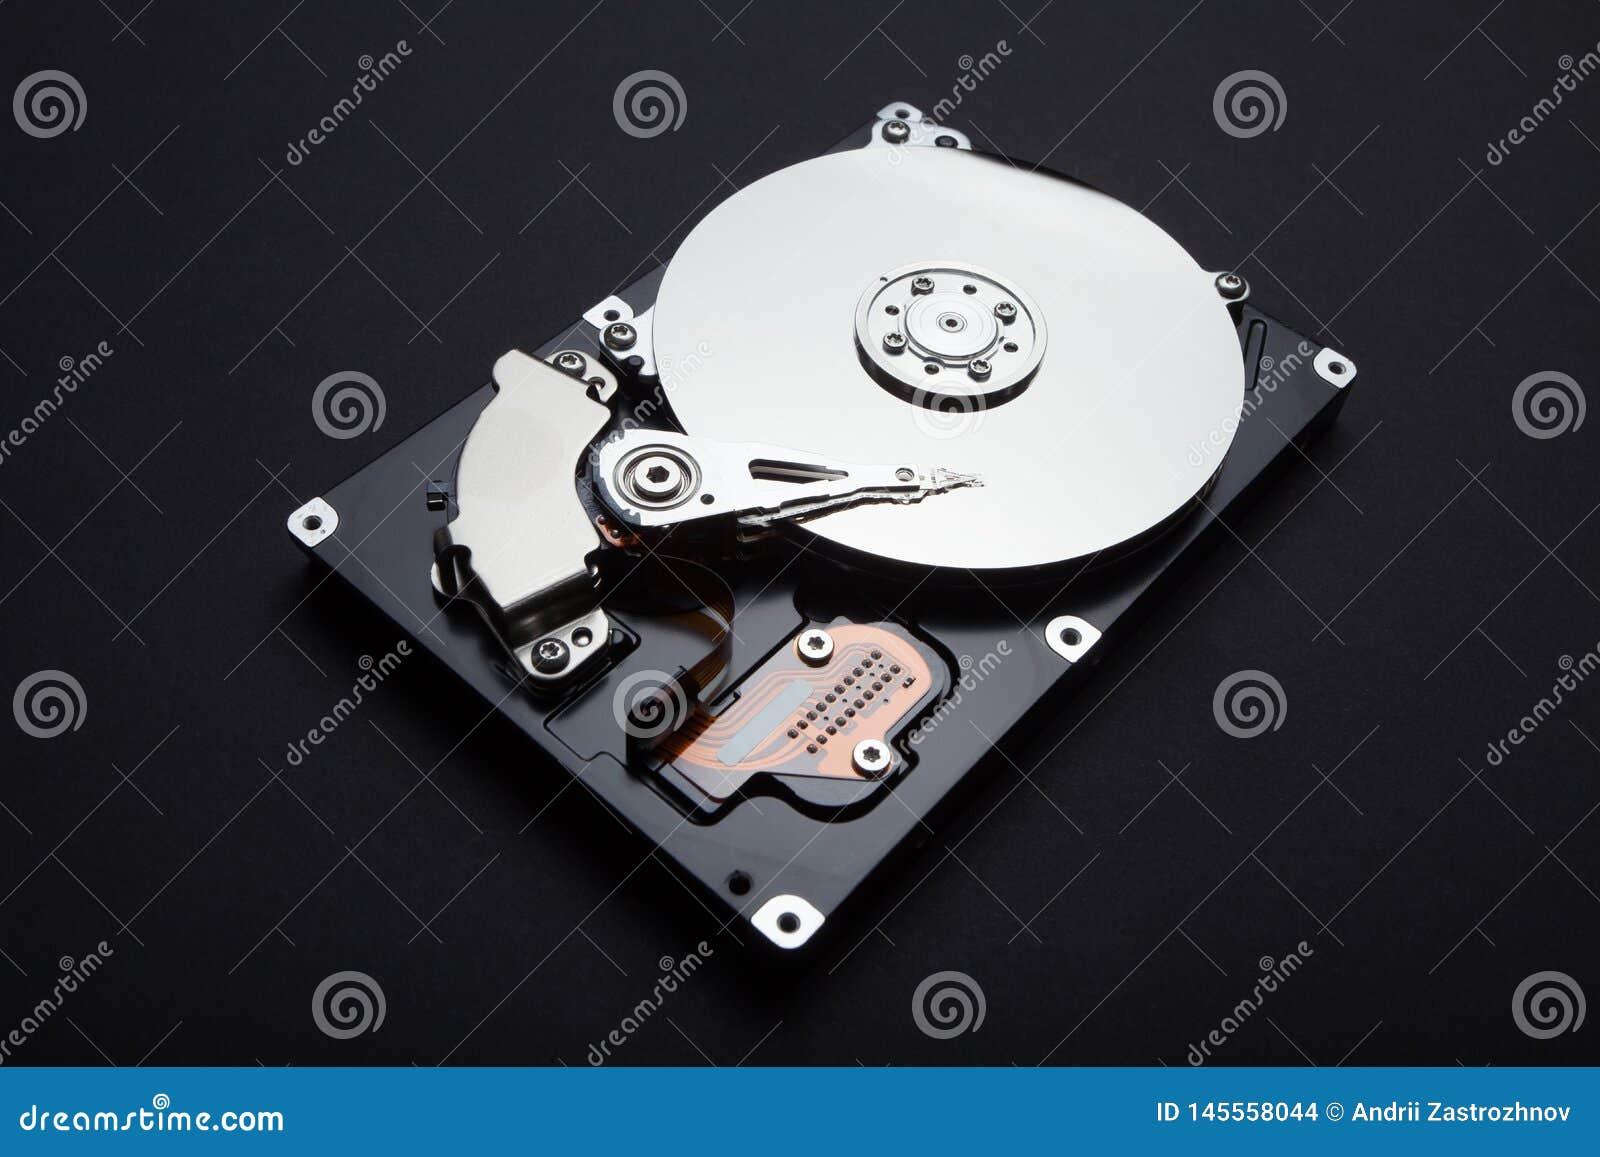 Демонтируйте жесткий диск сервера, магнитную поверхность и головы чтения на черной предпосылке